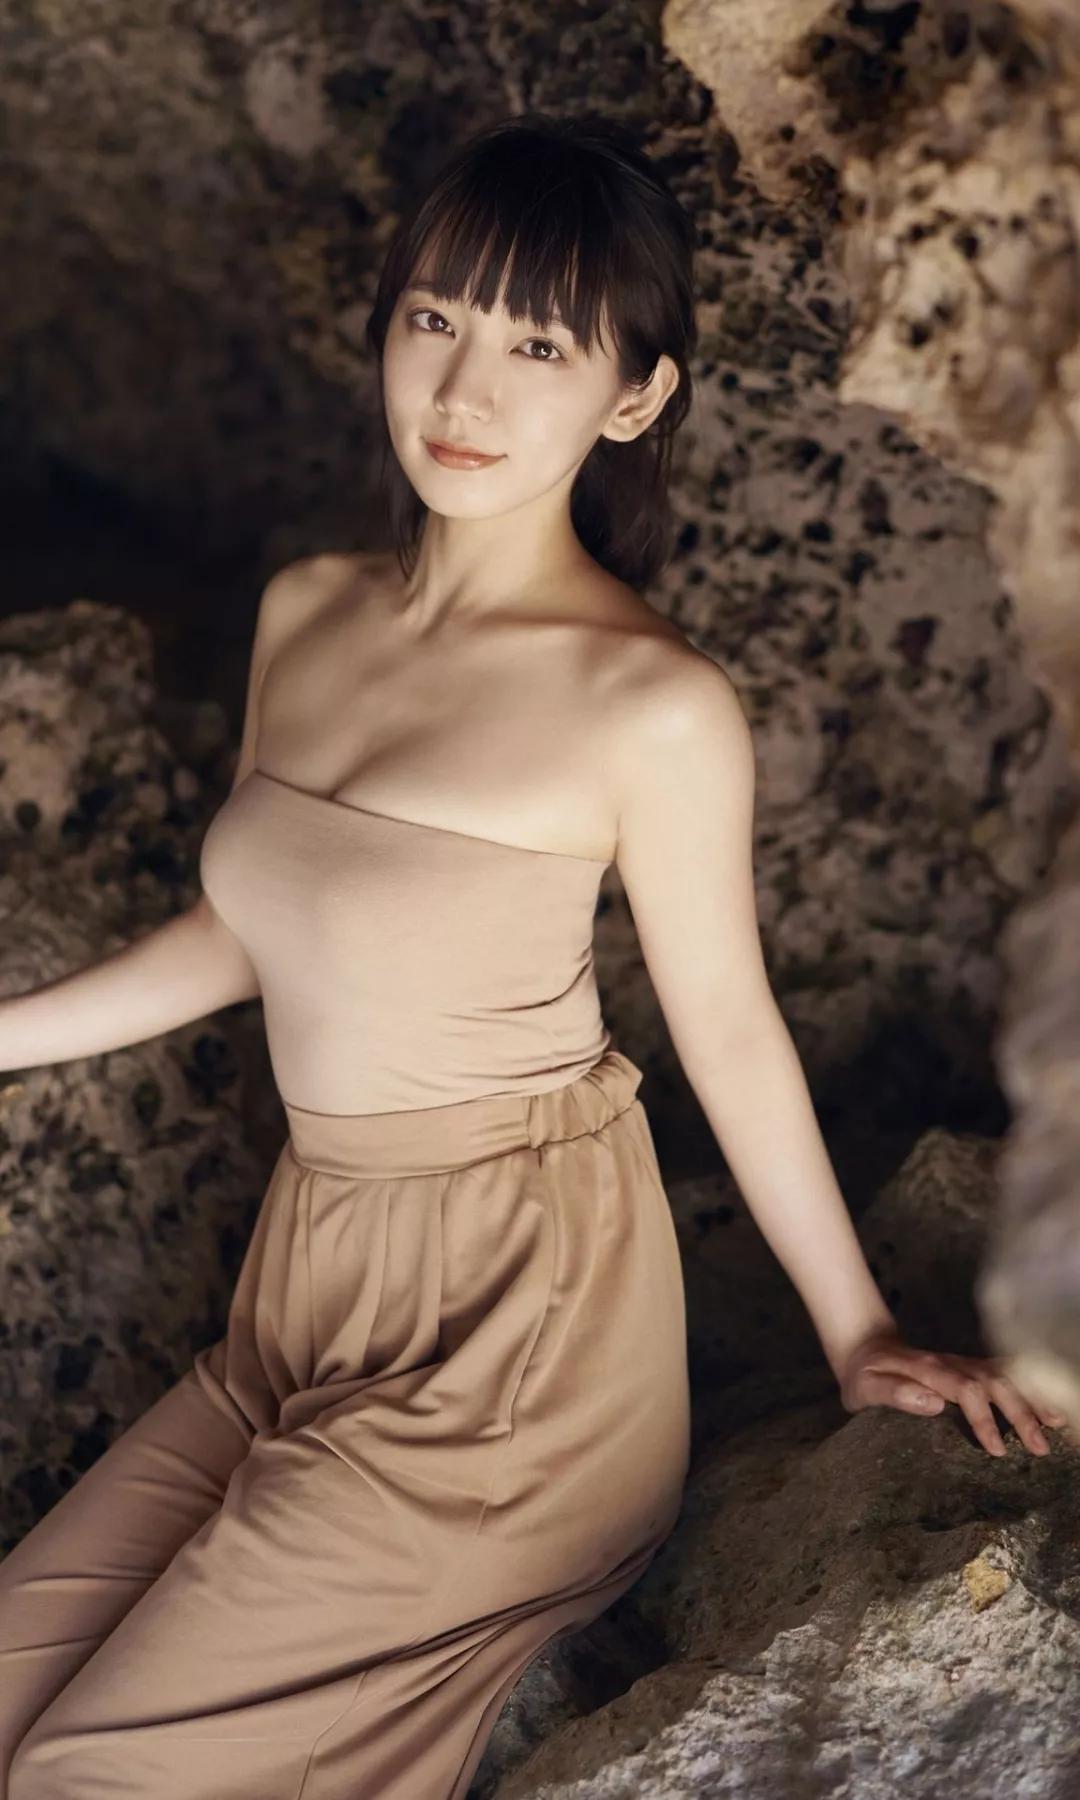 吉冈里帆 写真集Riho (20)